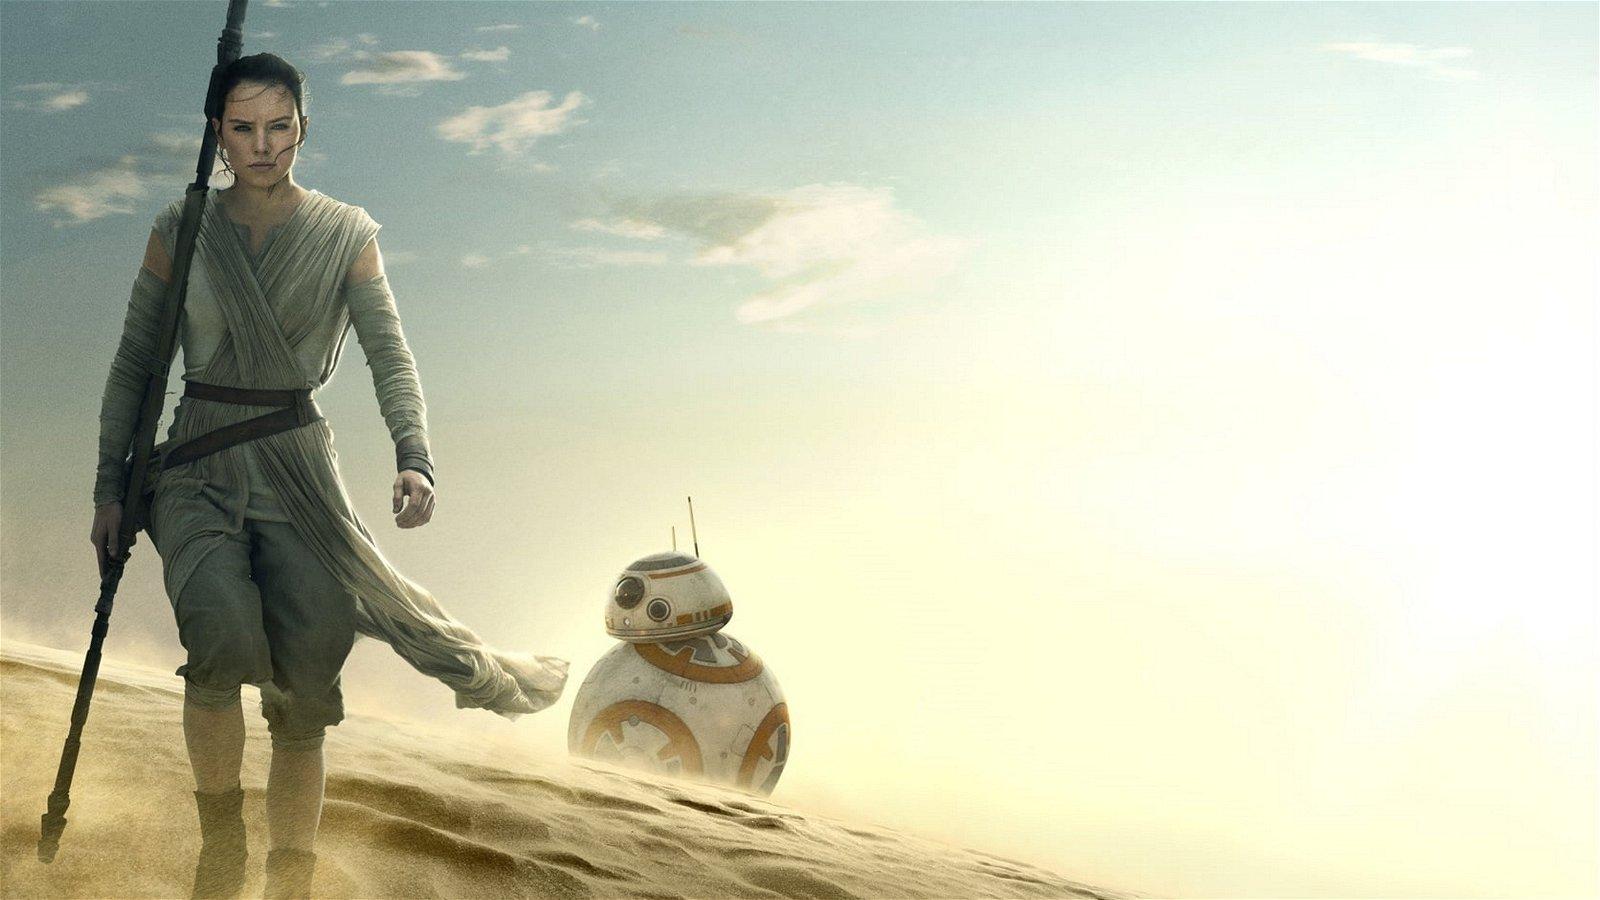 Star Wars: El Despertar de la Fuerza ya descubrió quiénes son los padres de Rey